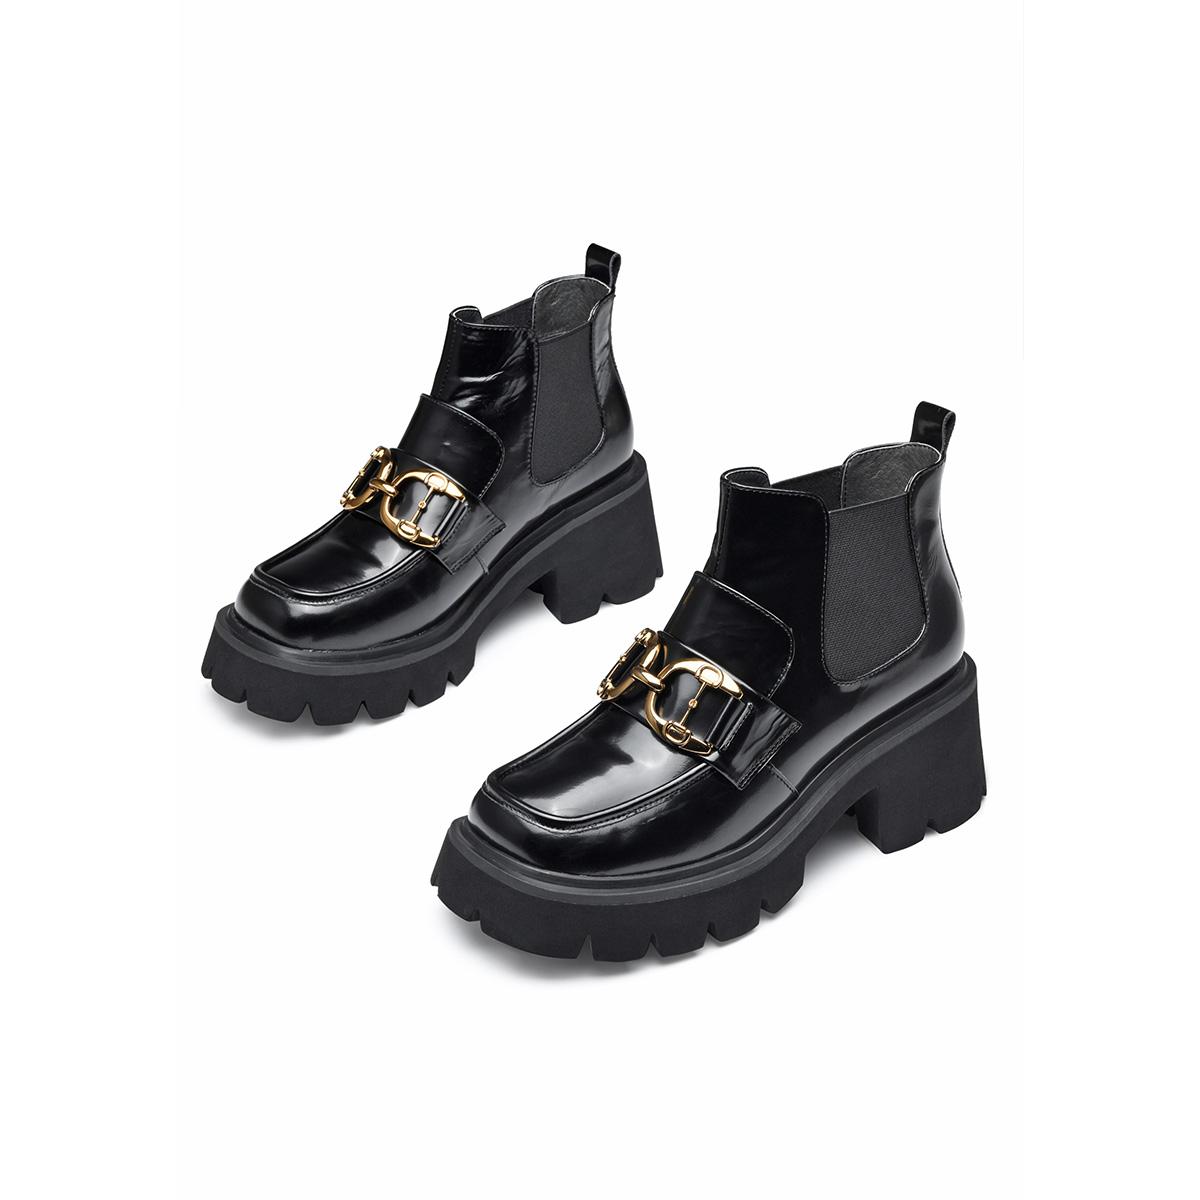 杰雷哈洛【休闲靴】秋冬新款质感牛皮套脚厚底百搭女靴切尔西靴